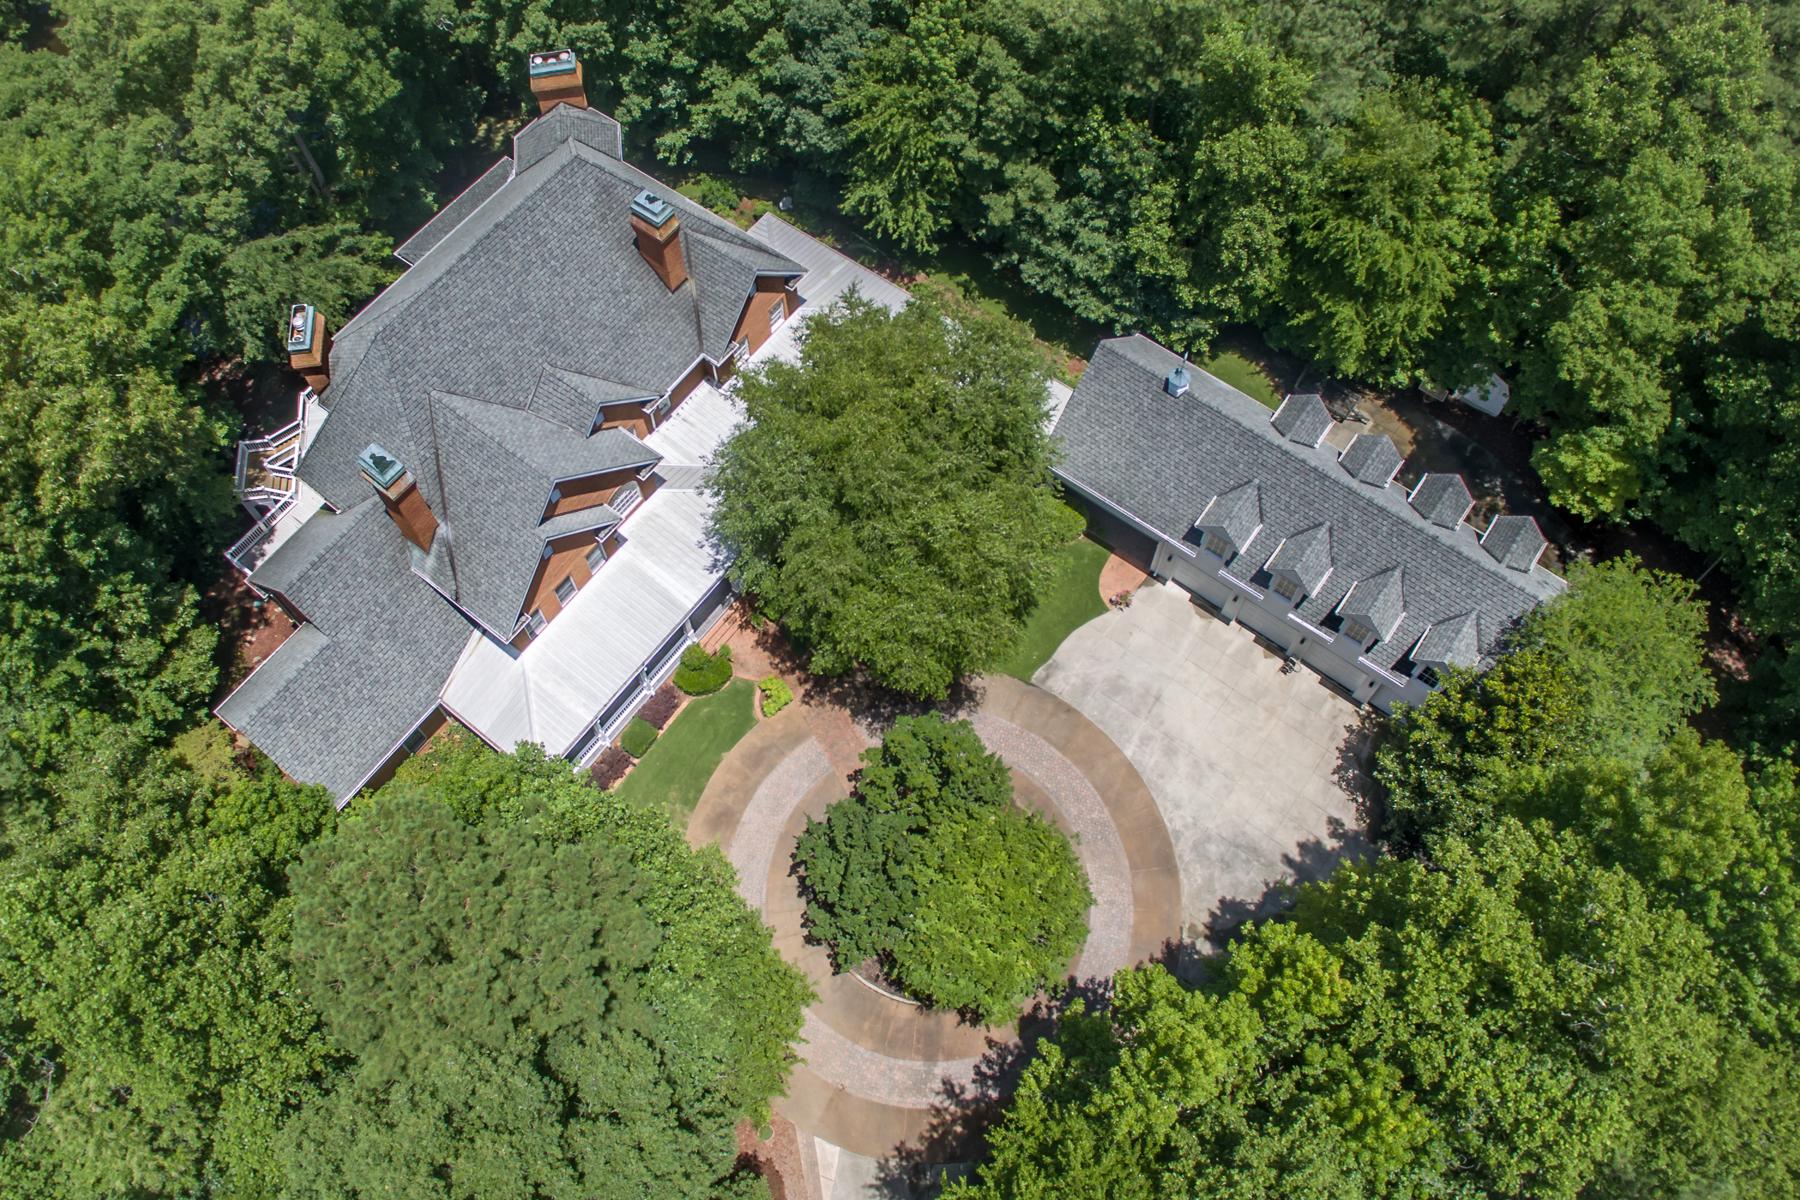 一戸建て のために 売買 アット Magnificent Gated Estate 1836 County Line Road NW Acworth, ジョージア 30101 アメリカ合衆国